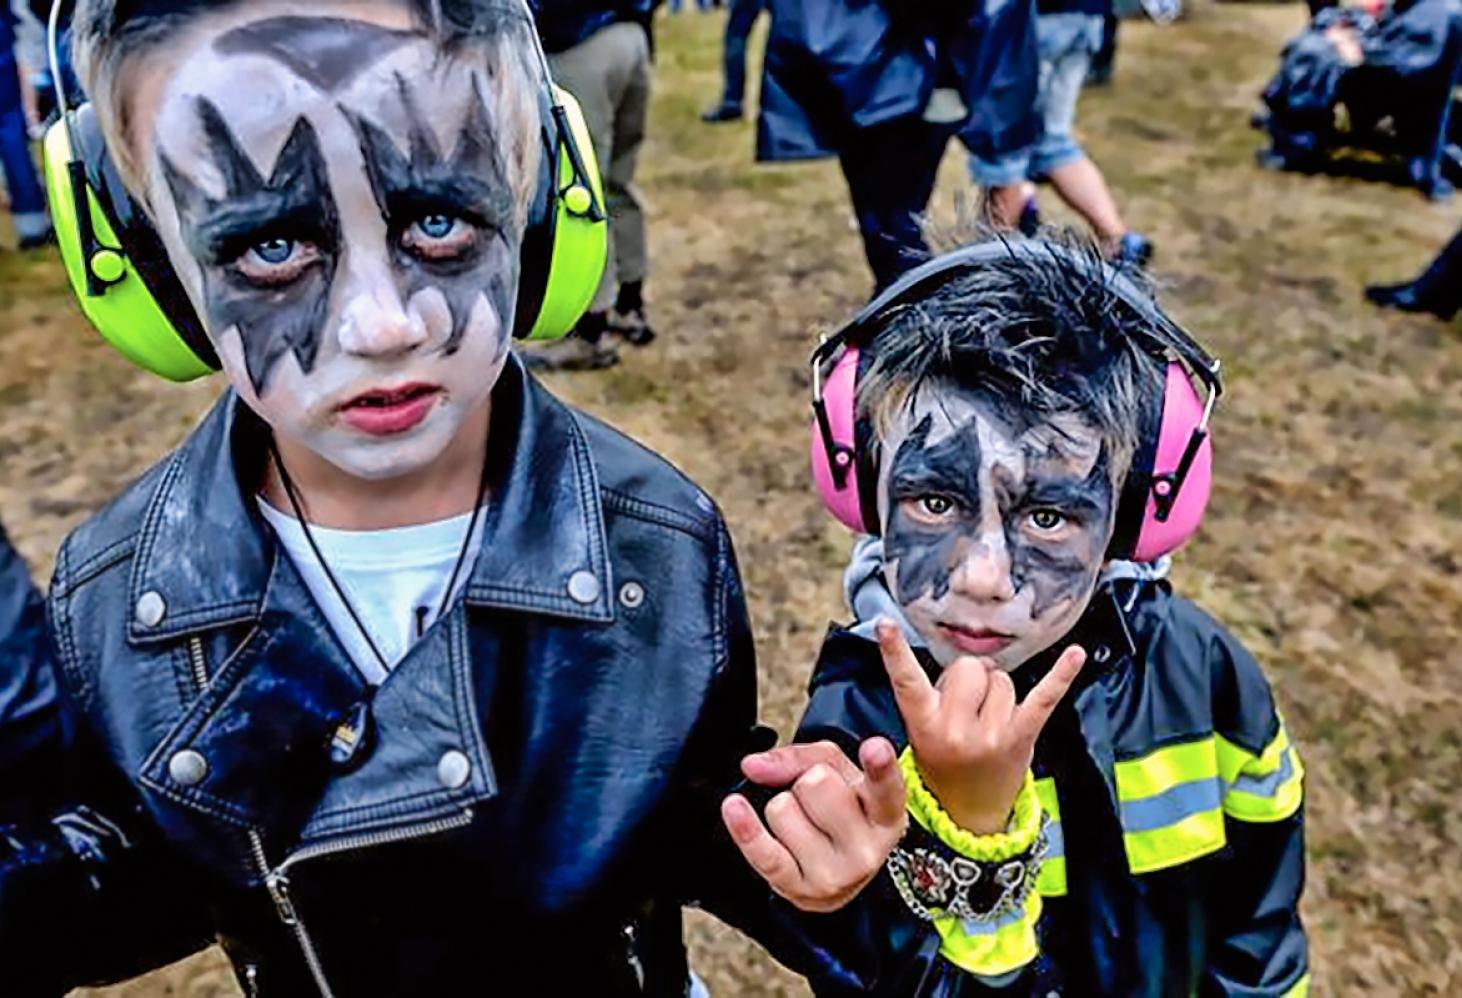 Sweden Rock Festival (Швеция, первая половина июня)